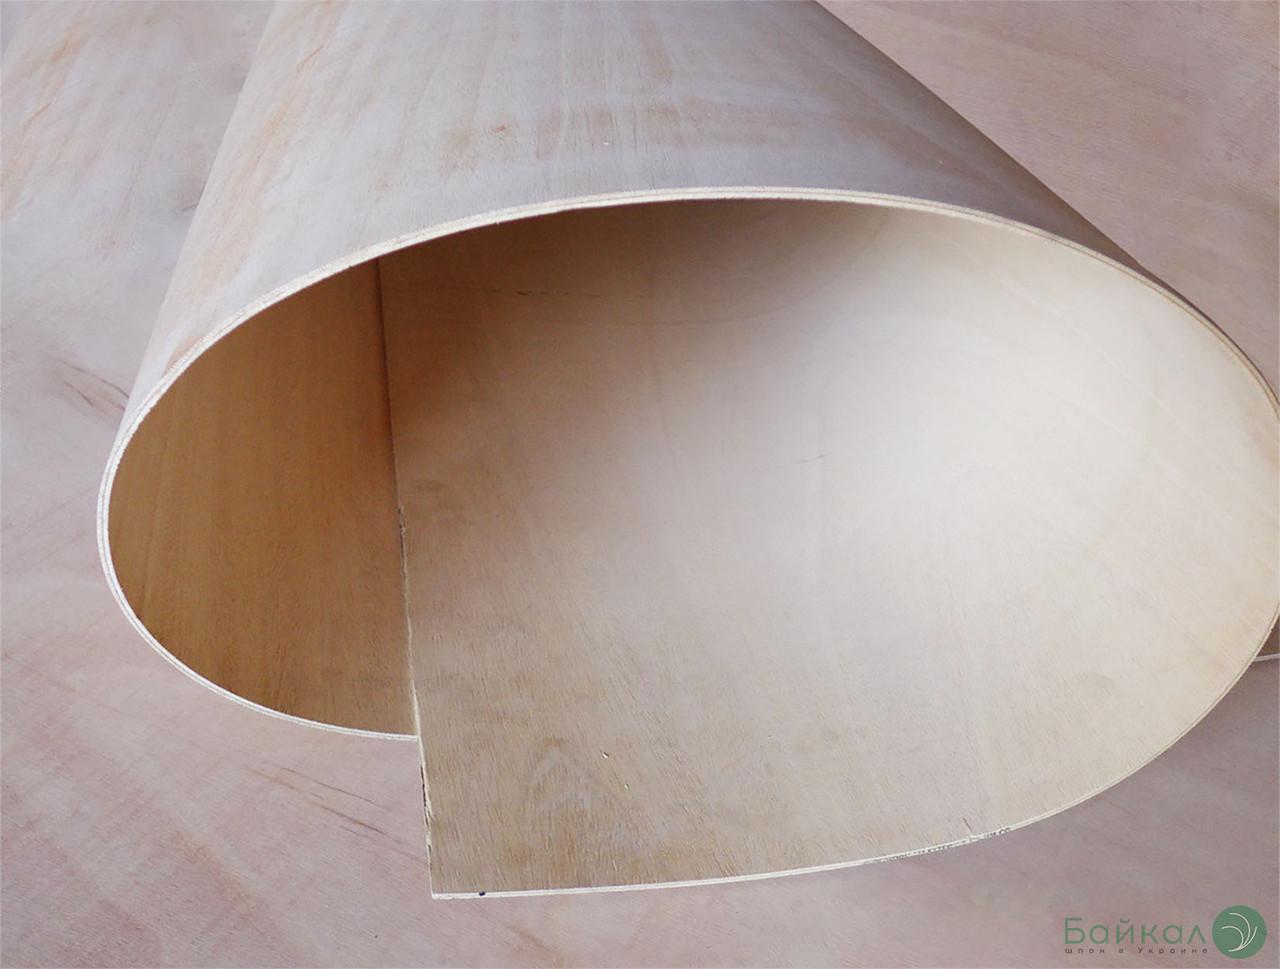 Фанера сейба гибкая 8 мм - 2,44х1,22 м (Продольная / Long)